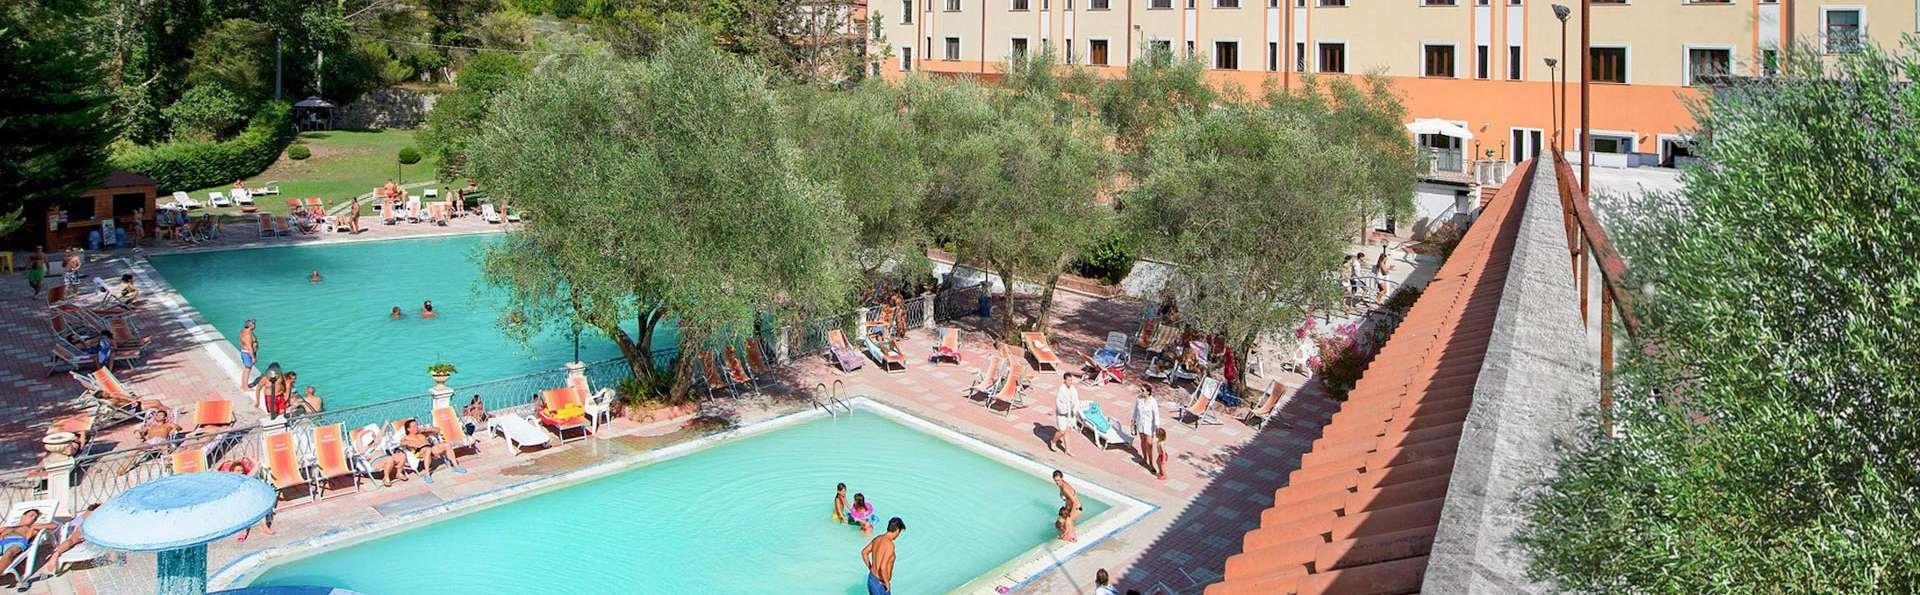 Hotel Terme Forlenza - EDIT_POOL_09.jpg